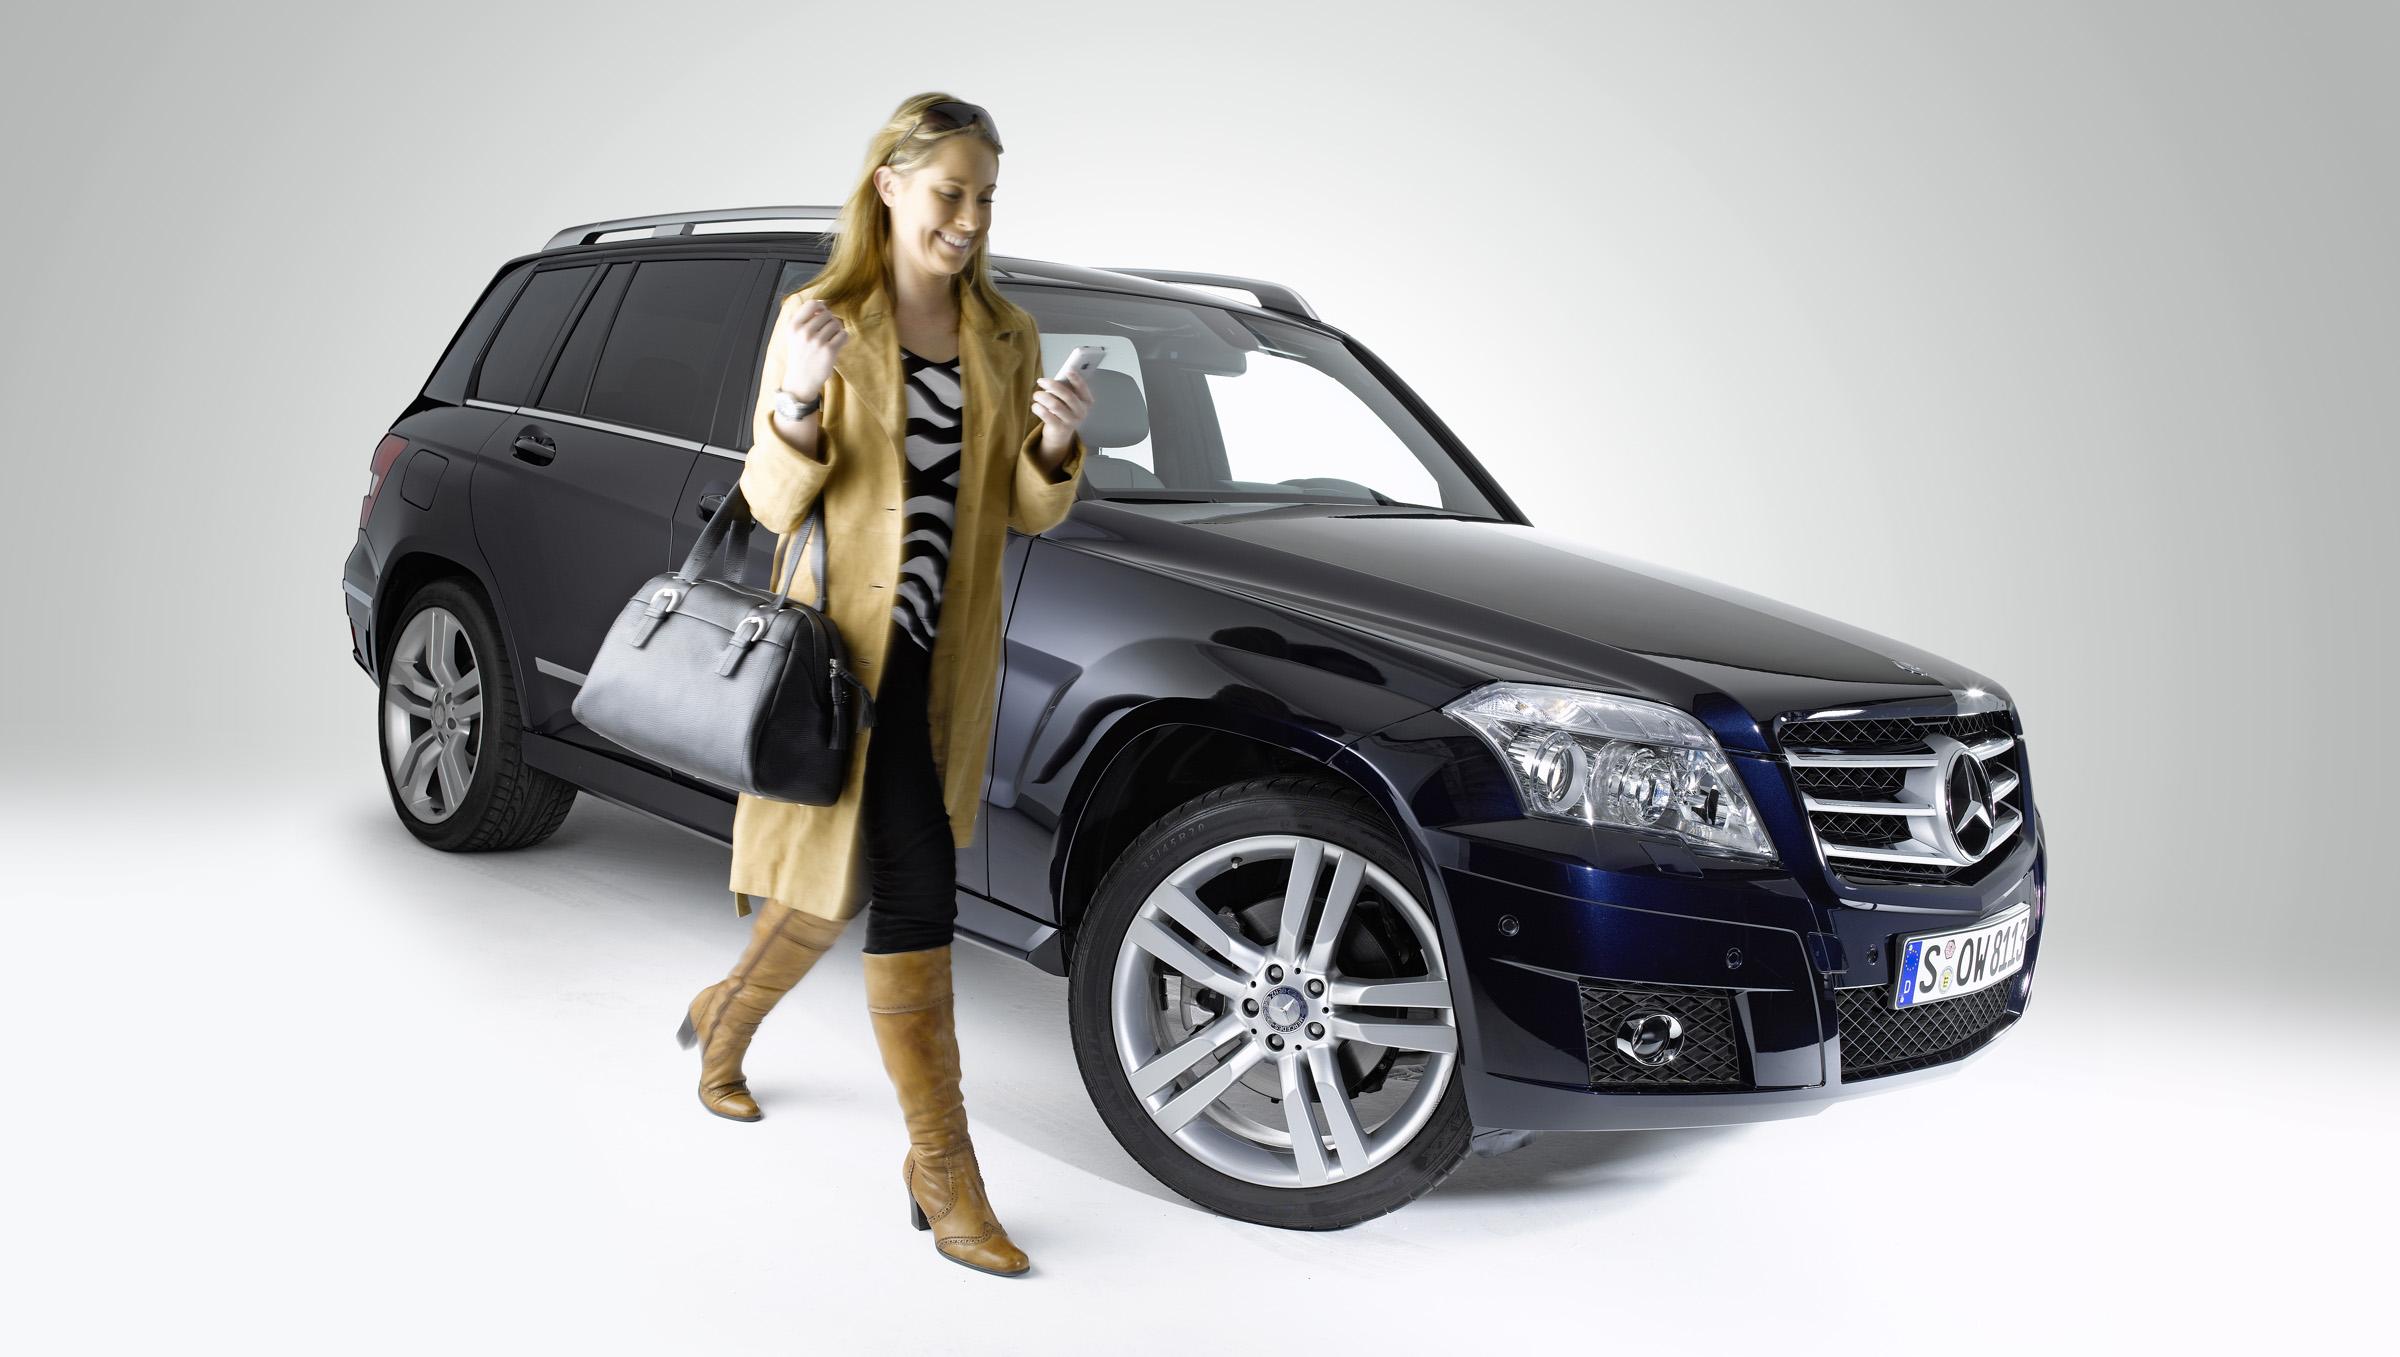 Новая колыбель позволяет полностью интегрироваться в архитектуре автомобиля: Mercedes-Benz делает в автомобиле iPhone® подключение еще проще - фотография №1